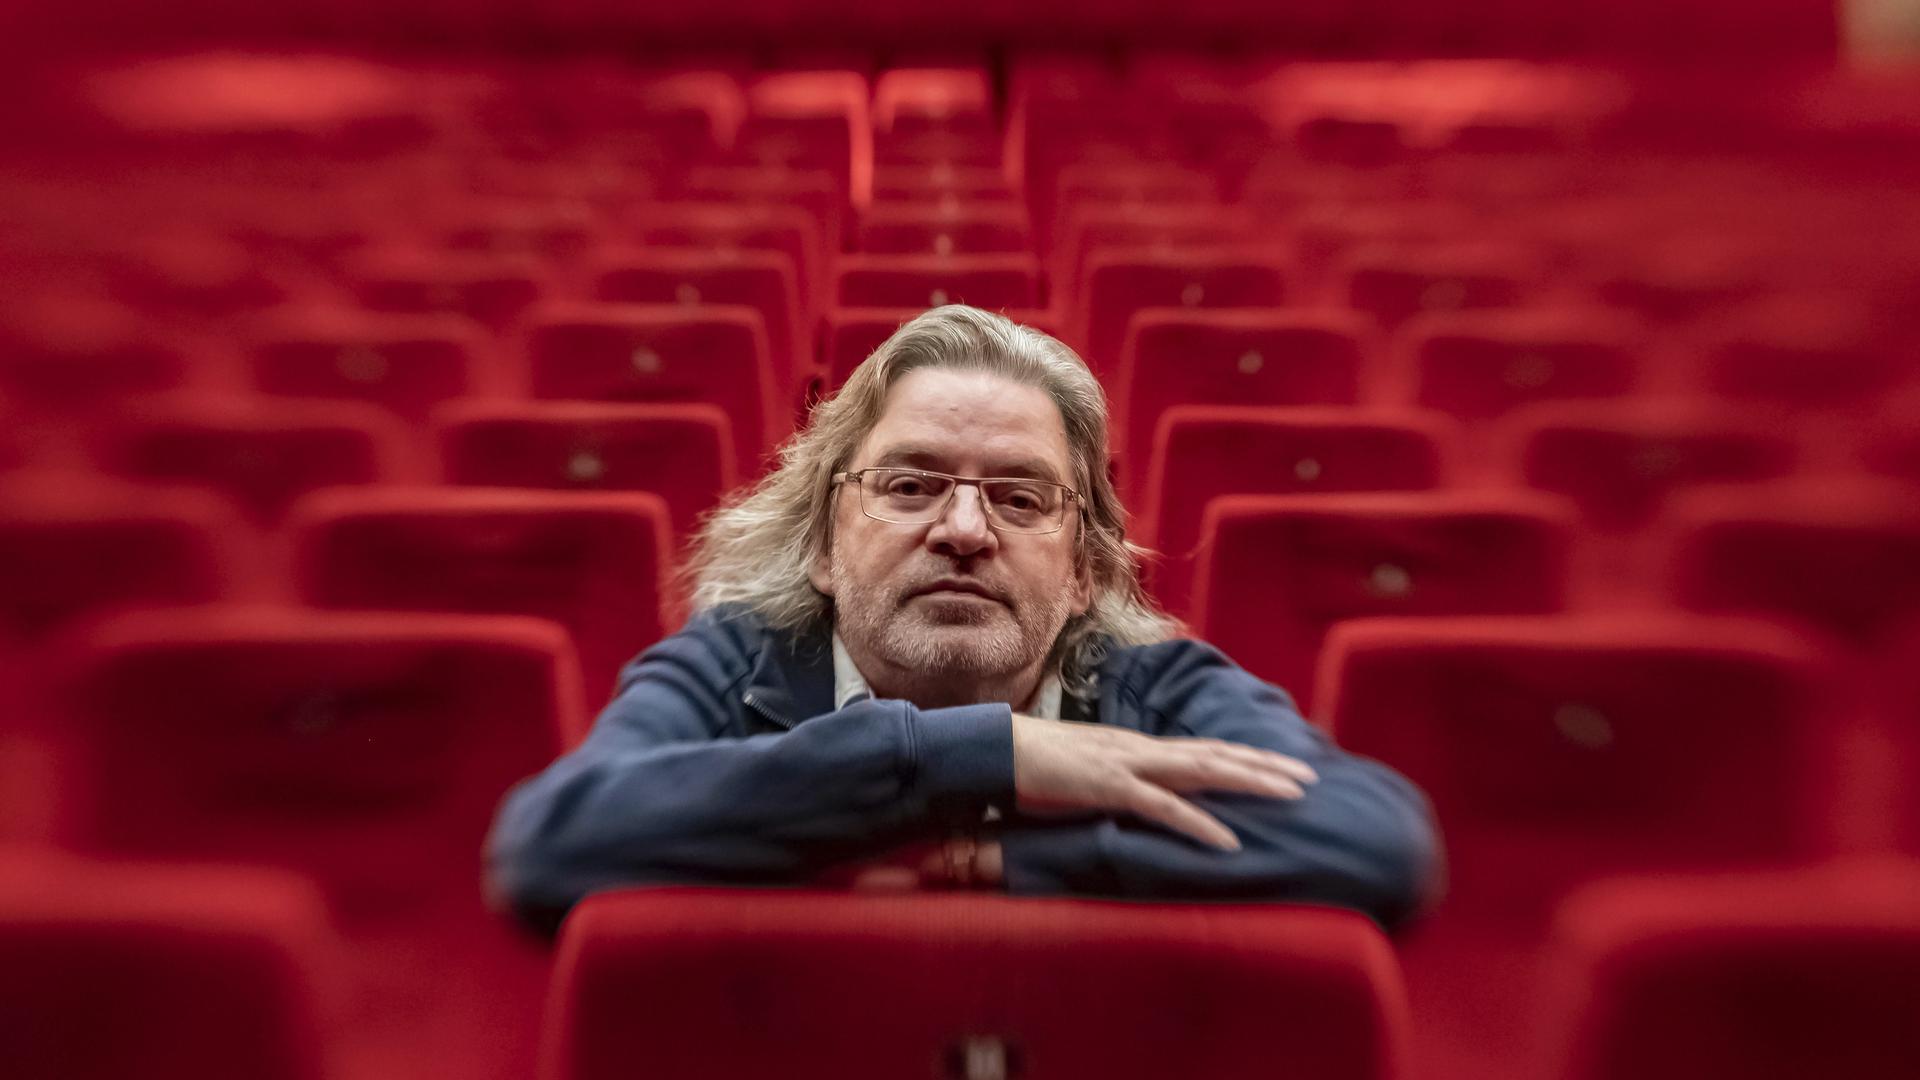 ©ARTIS-Uli Deck// 17.11.2020 Herbert Born vom Filmtheater Schauburg, aufgenommen  im Schauburg-Cinerama Kinosaal inmitten der leeren roten Sitzreihen -Copyright -ARTIS-ULI DECK Werrabronner Strasse 19  D-76229 KARLSRUHE TEL:  0049 (0) 721-84 38 77  FAX:  0049 (0) 721 84 38 93   Mobil: 0049 (0) 172 7292636 E-Mail:  deck@artis-foto.de www.artis-foto.de Veroeffentlichung nur gegen Honorar nach MFM zzgl. gesetzlicher. Mehrwertsteuer, kostenfreies Belegexemplar und Namensnennung: ARTIS-Uli Deck.  Es gelten meine AGB., abzurufen unter :    http://artis-foto.de/agb01_2008_DE.pdf